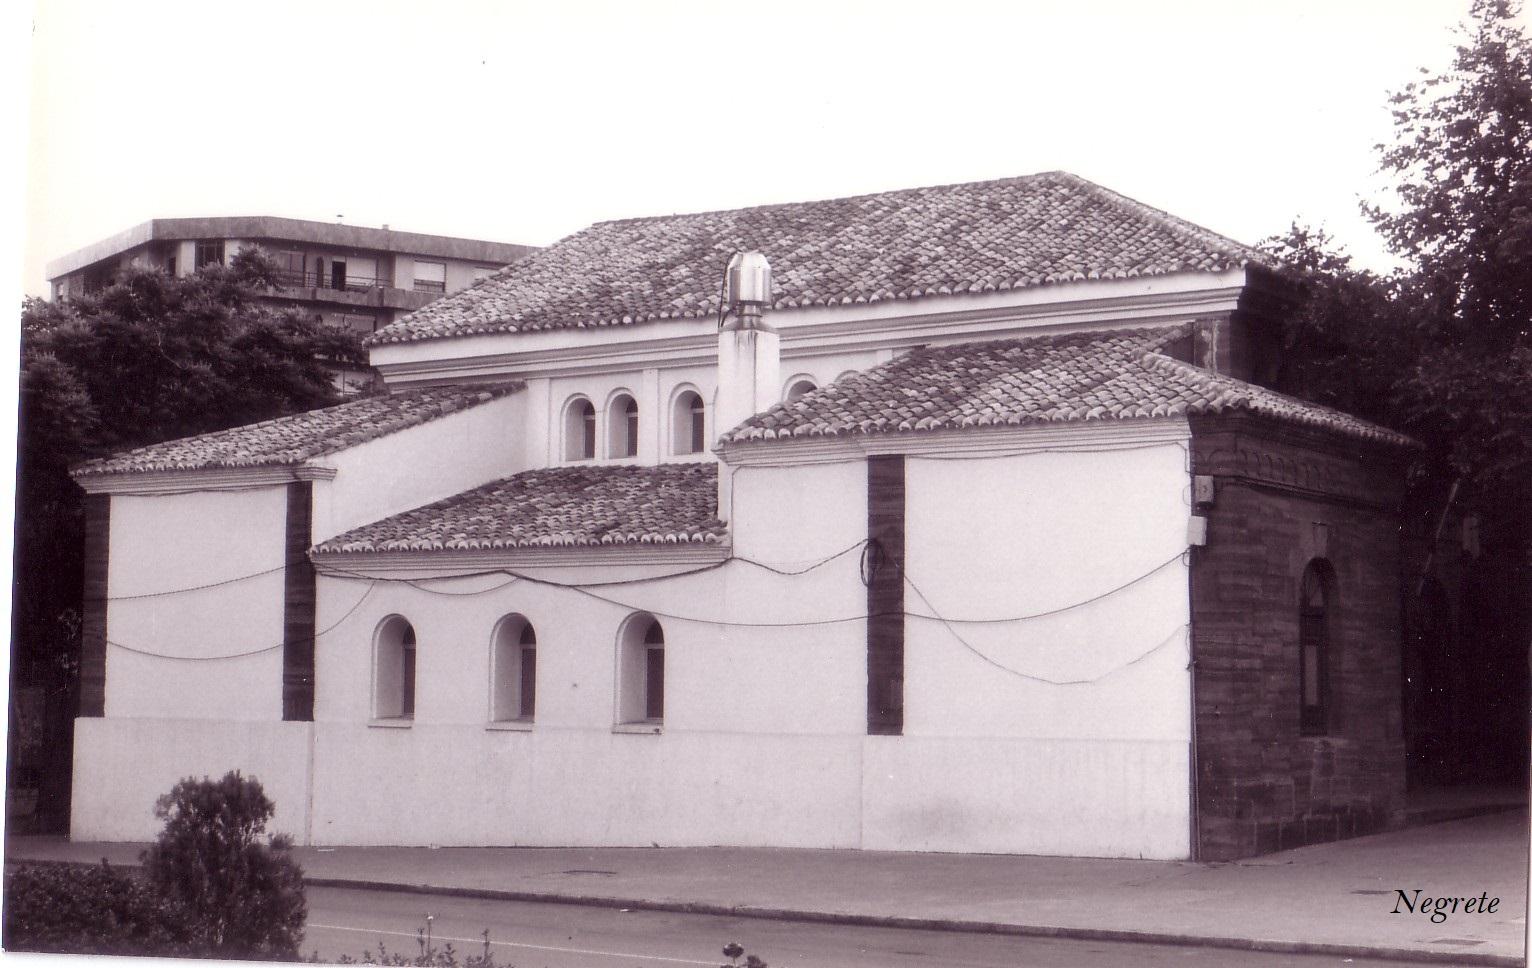 Casa de Baños Archivo F. Negrete 1986